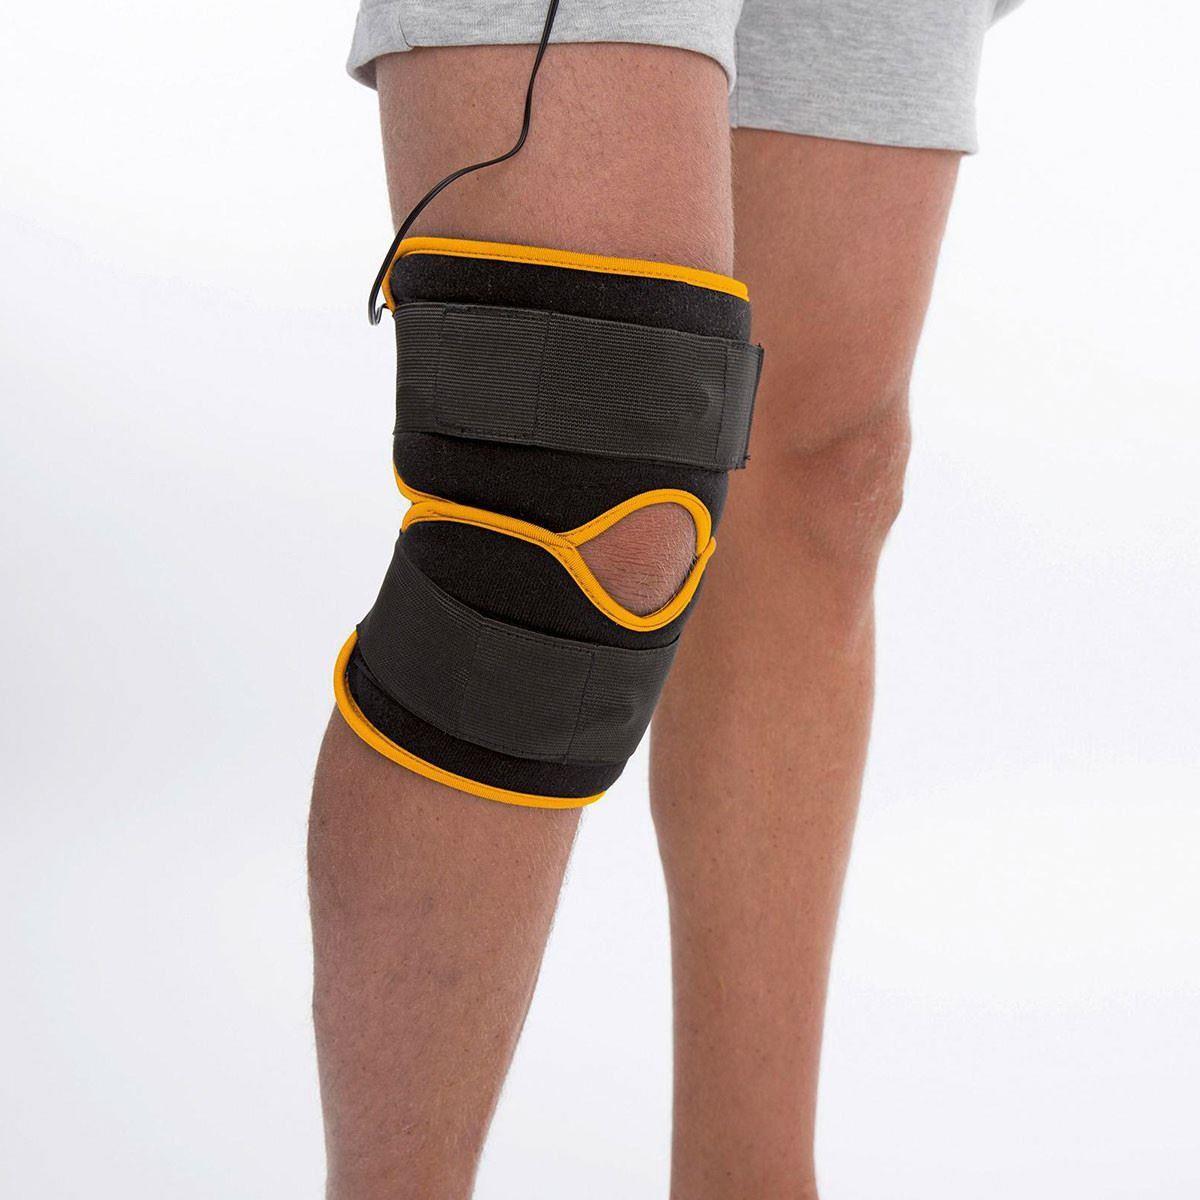 Beurer EM 29 Tens Knee   Elbow   hotpoint.co.ke 2faf57c0fe2